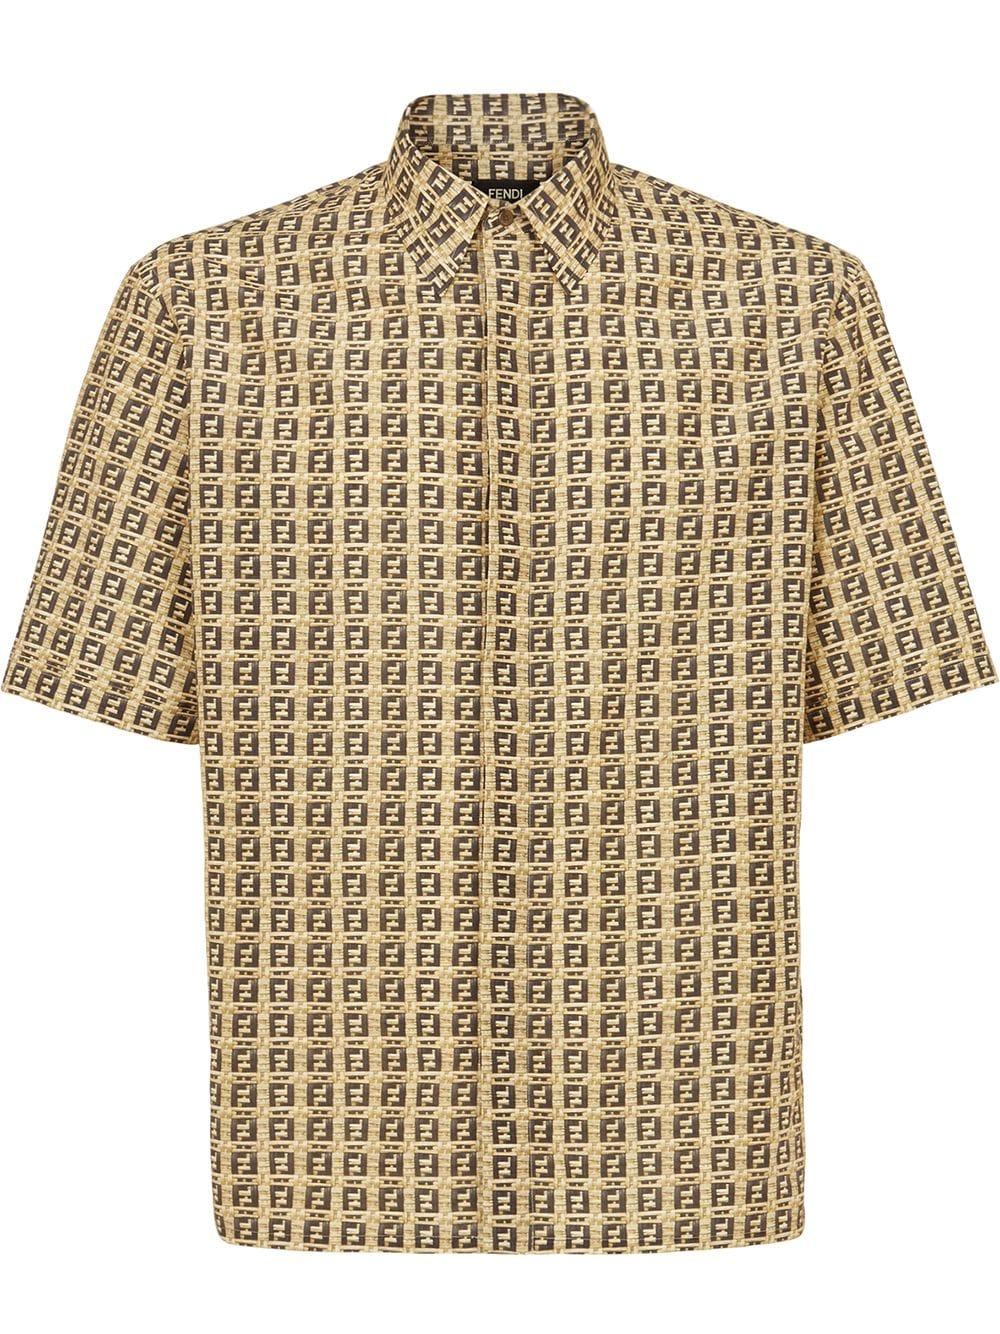 Beige FF print short-sleeved shirt  FENDI |  | FS0795-AFXEF0UNT